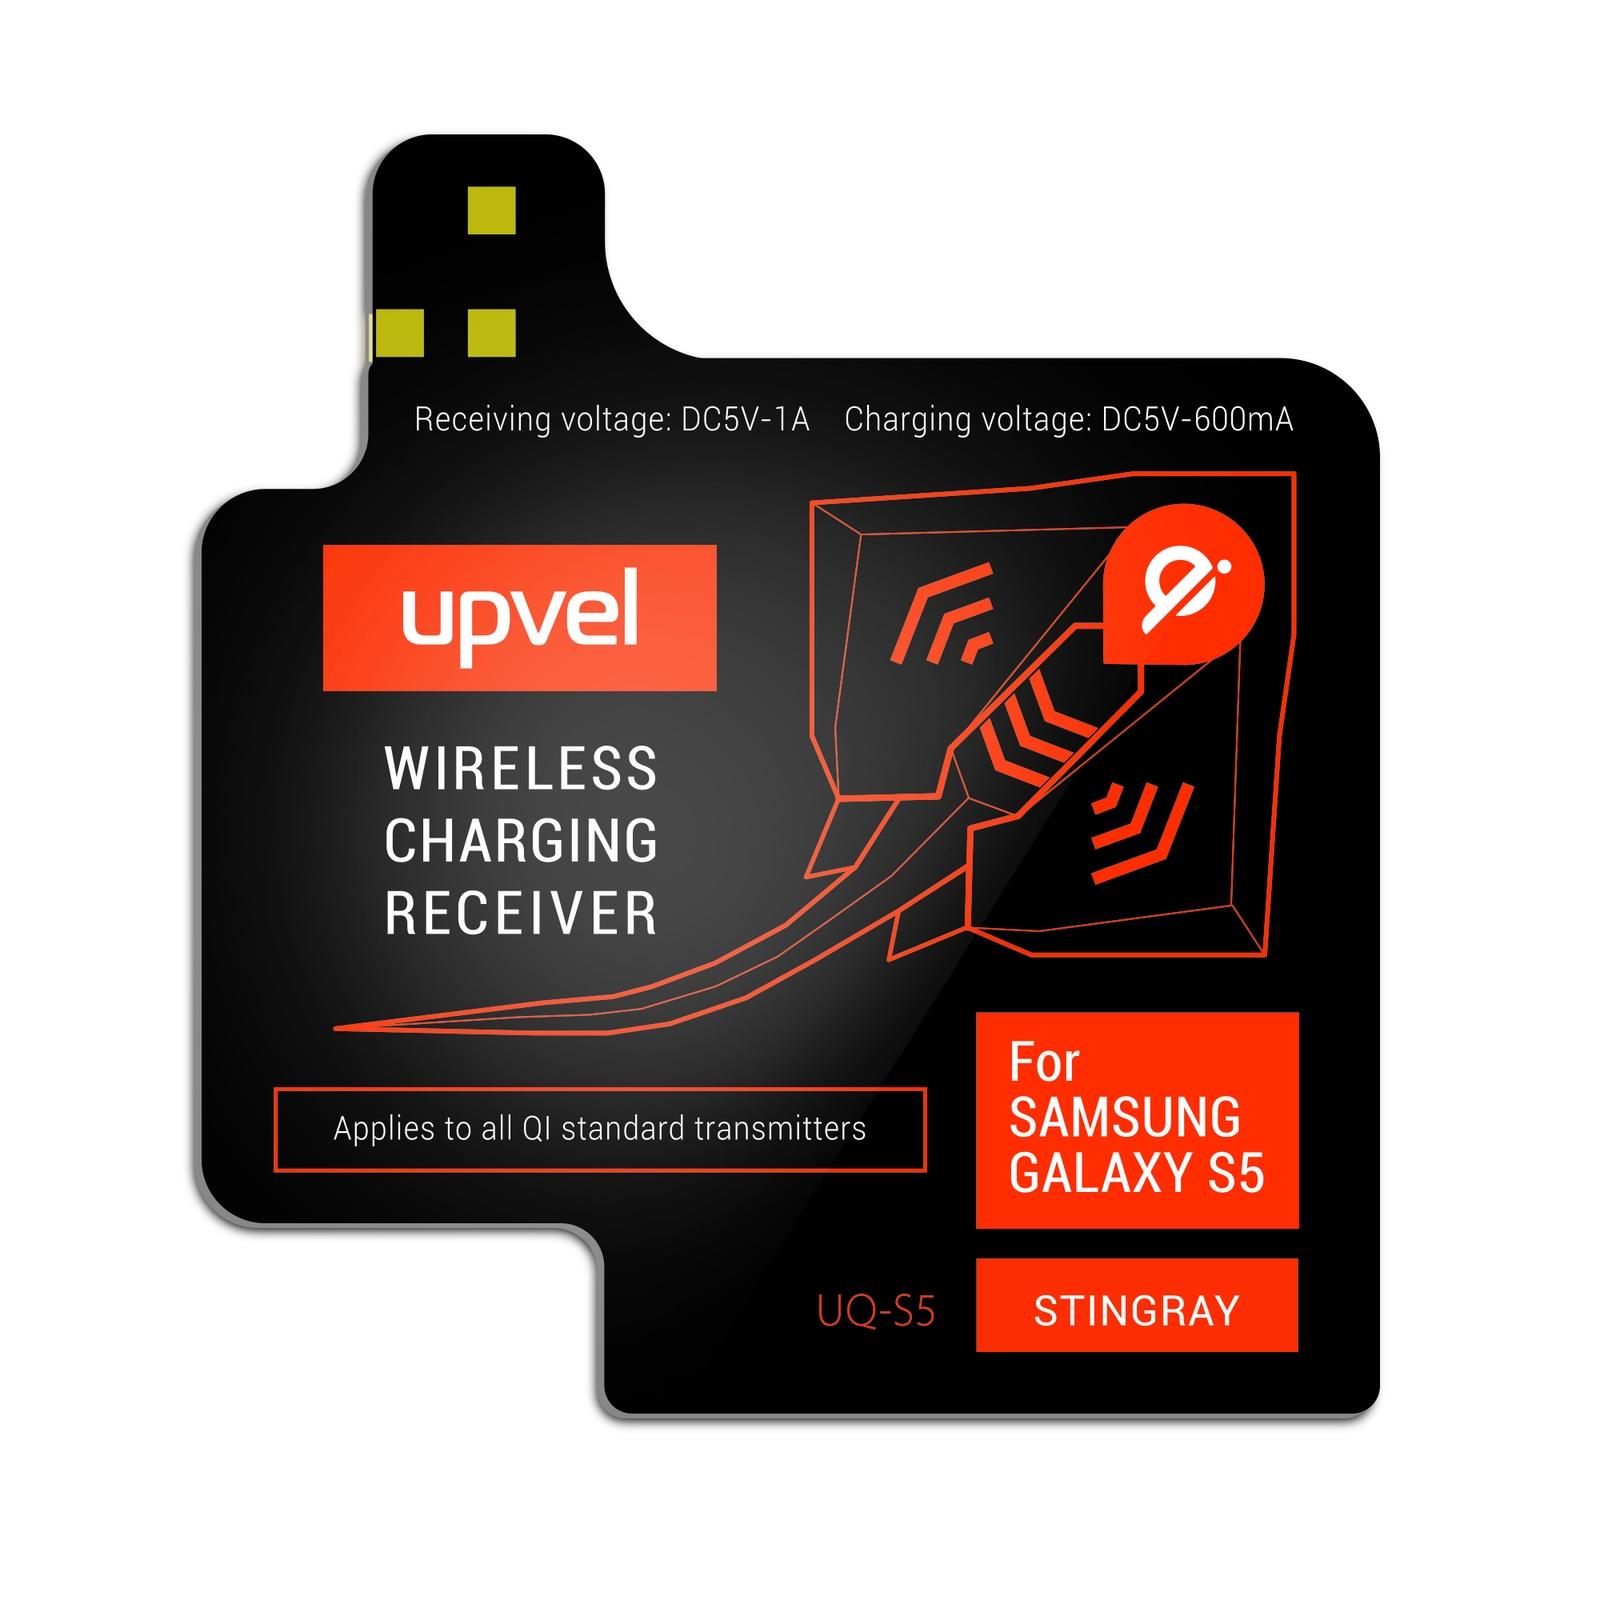 UPVEL UQ-S5 Stingray для Samsung Galaxy S5, Black модуль-приемник беспроводной зарядки стандарта Qi все цены